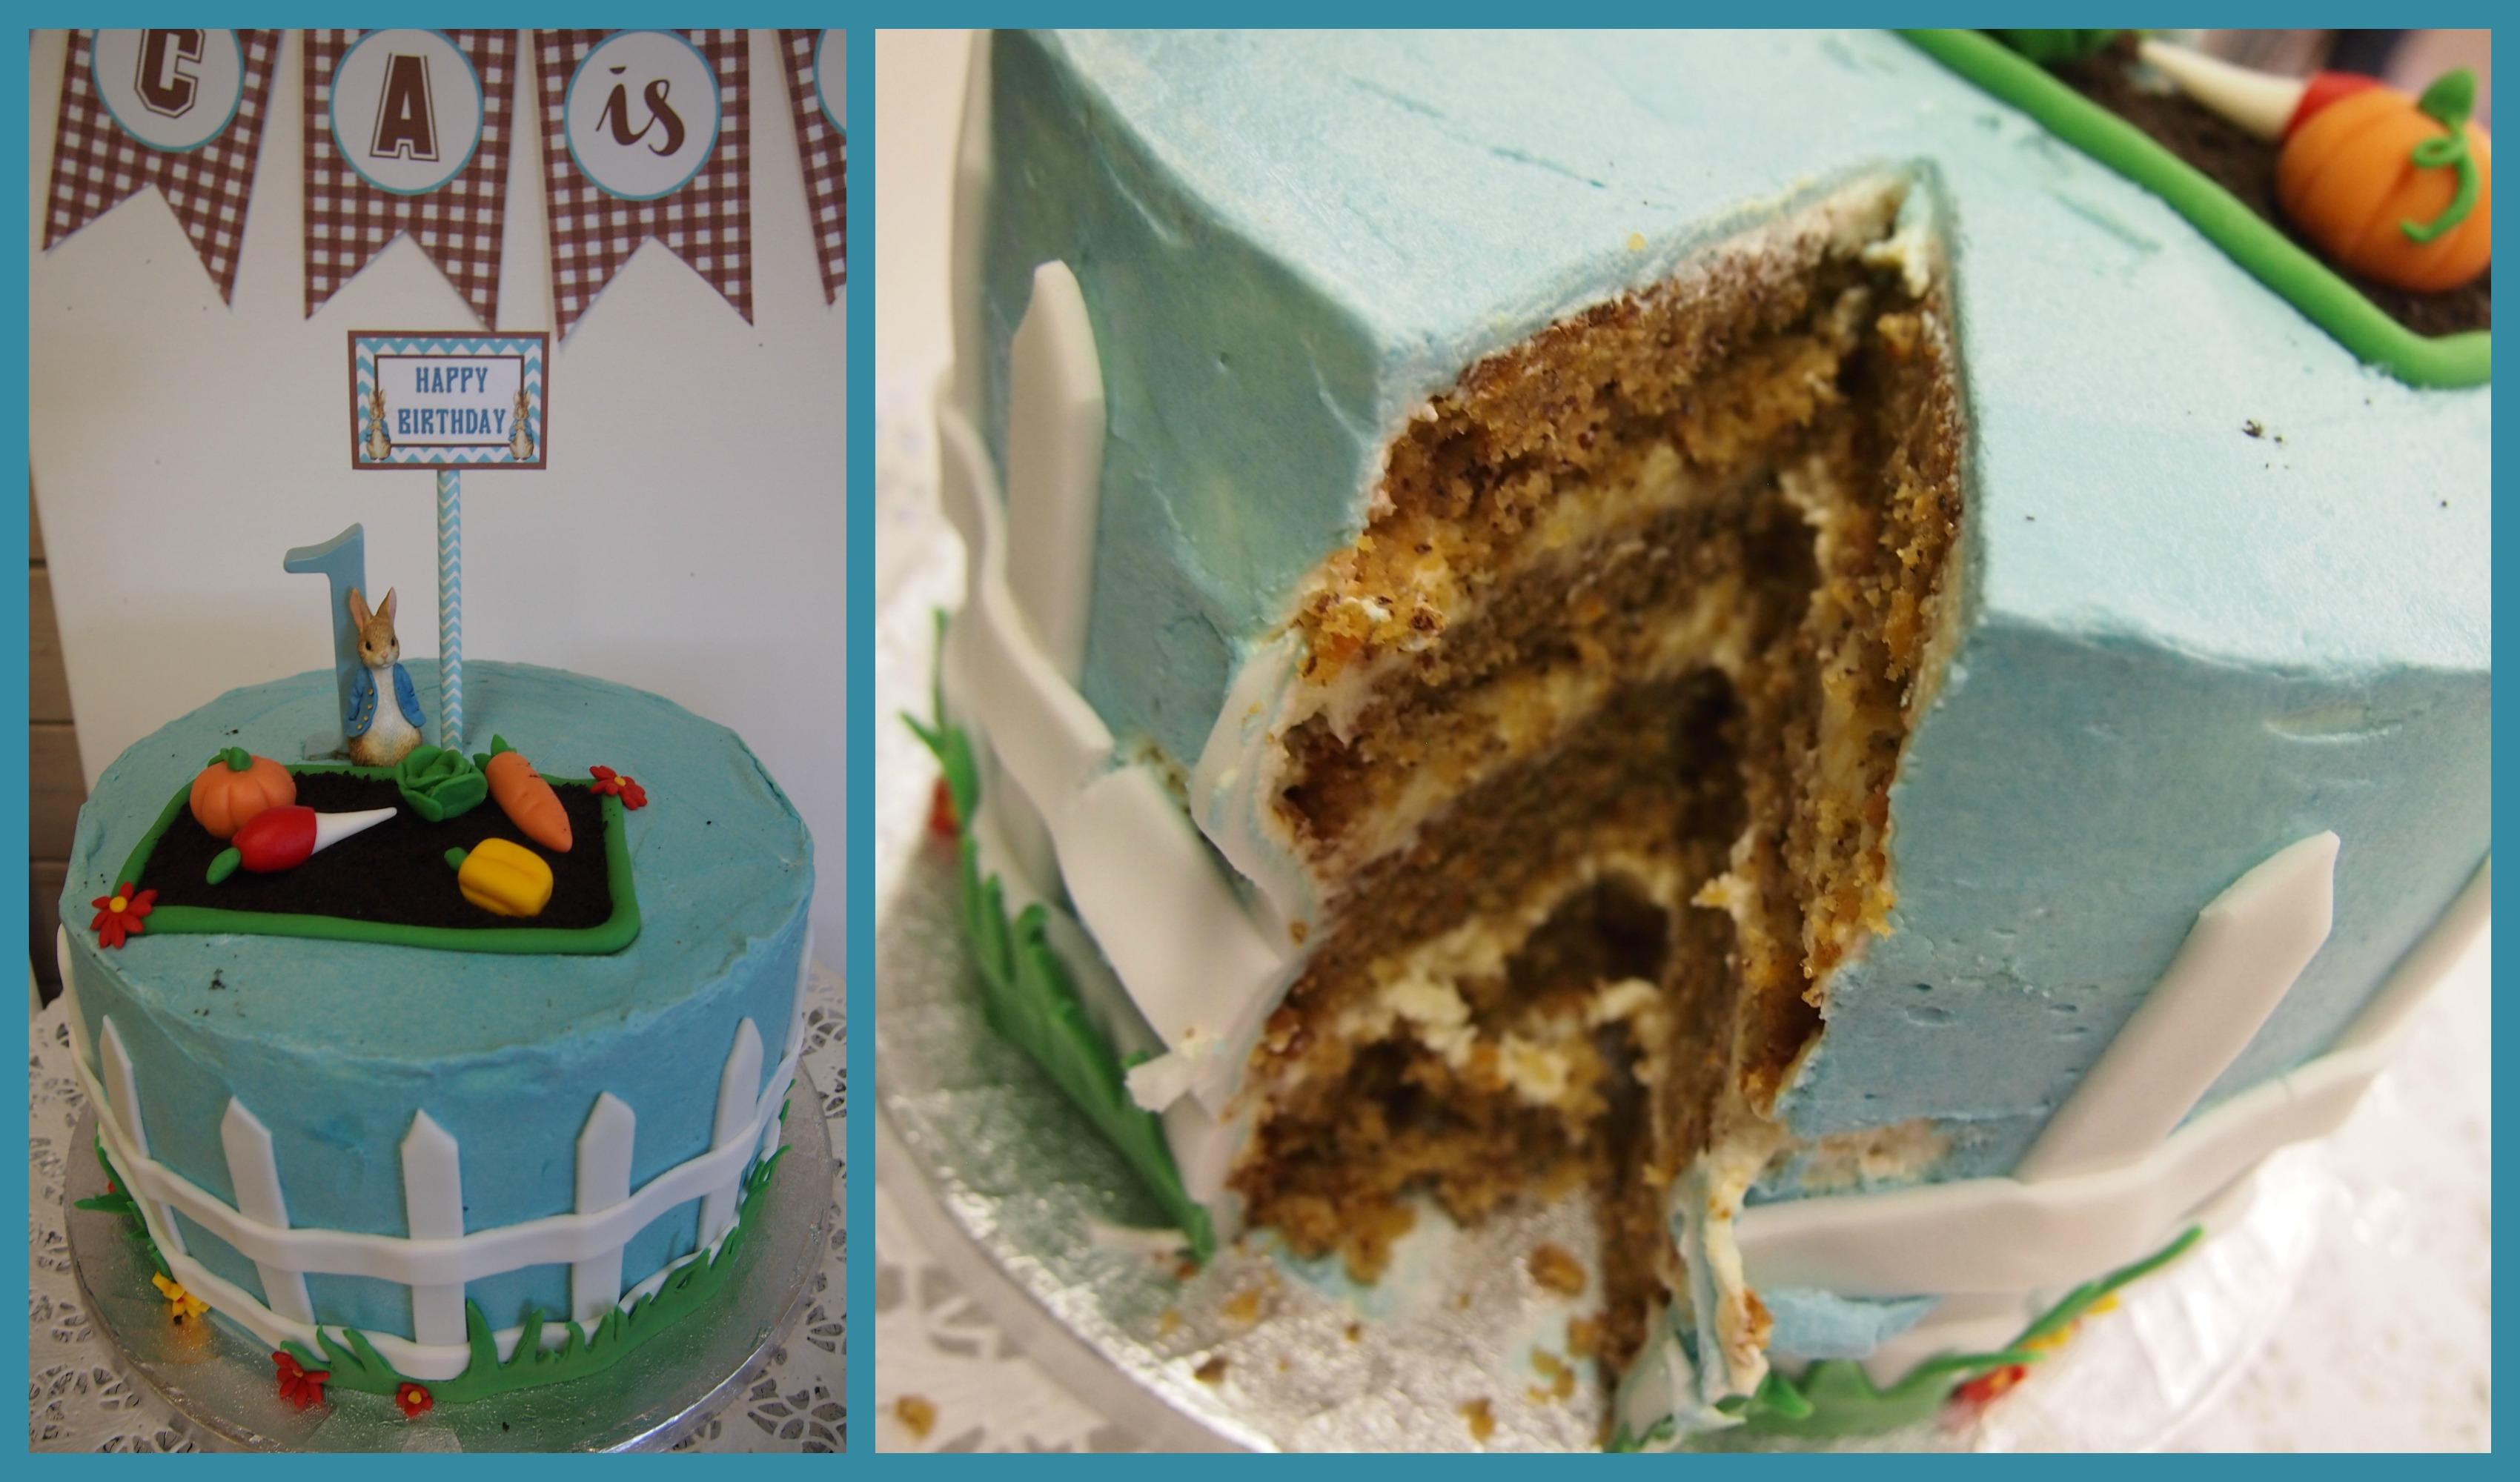 עוגה מעוצבת - פיטר הארנב וחבריו